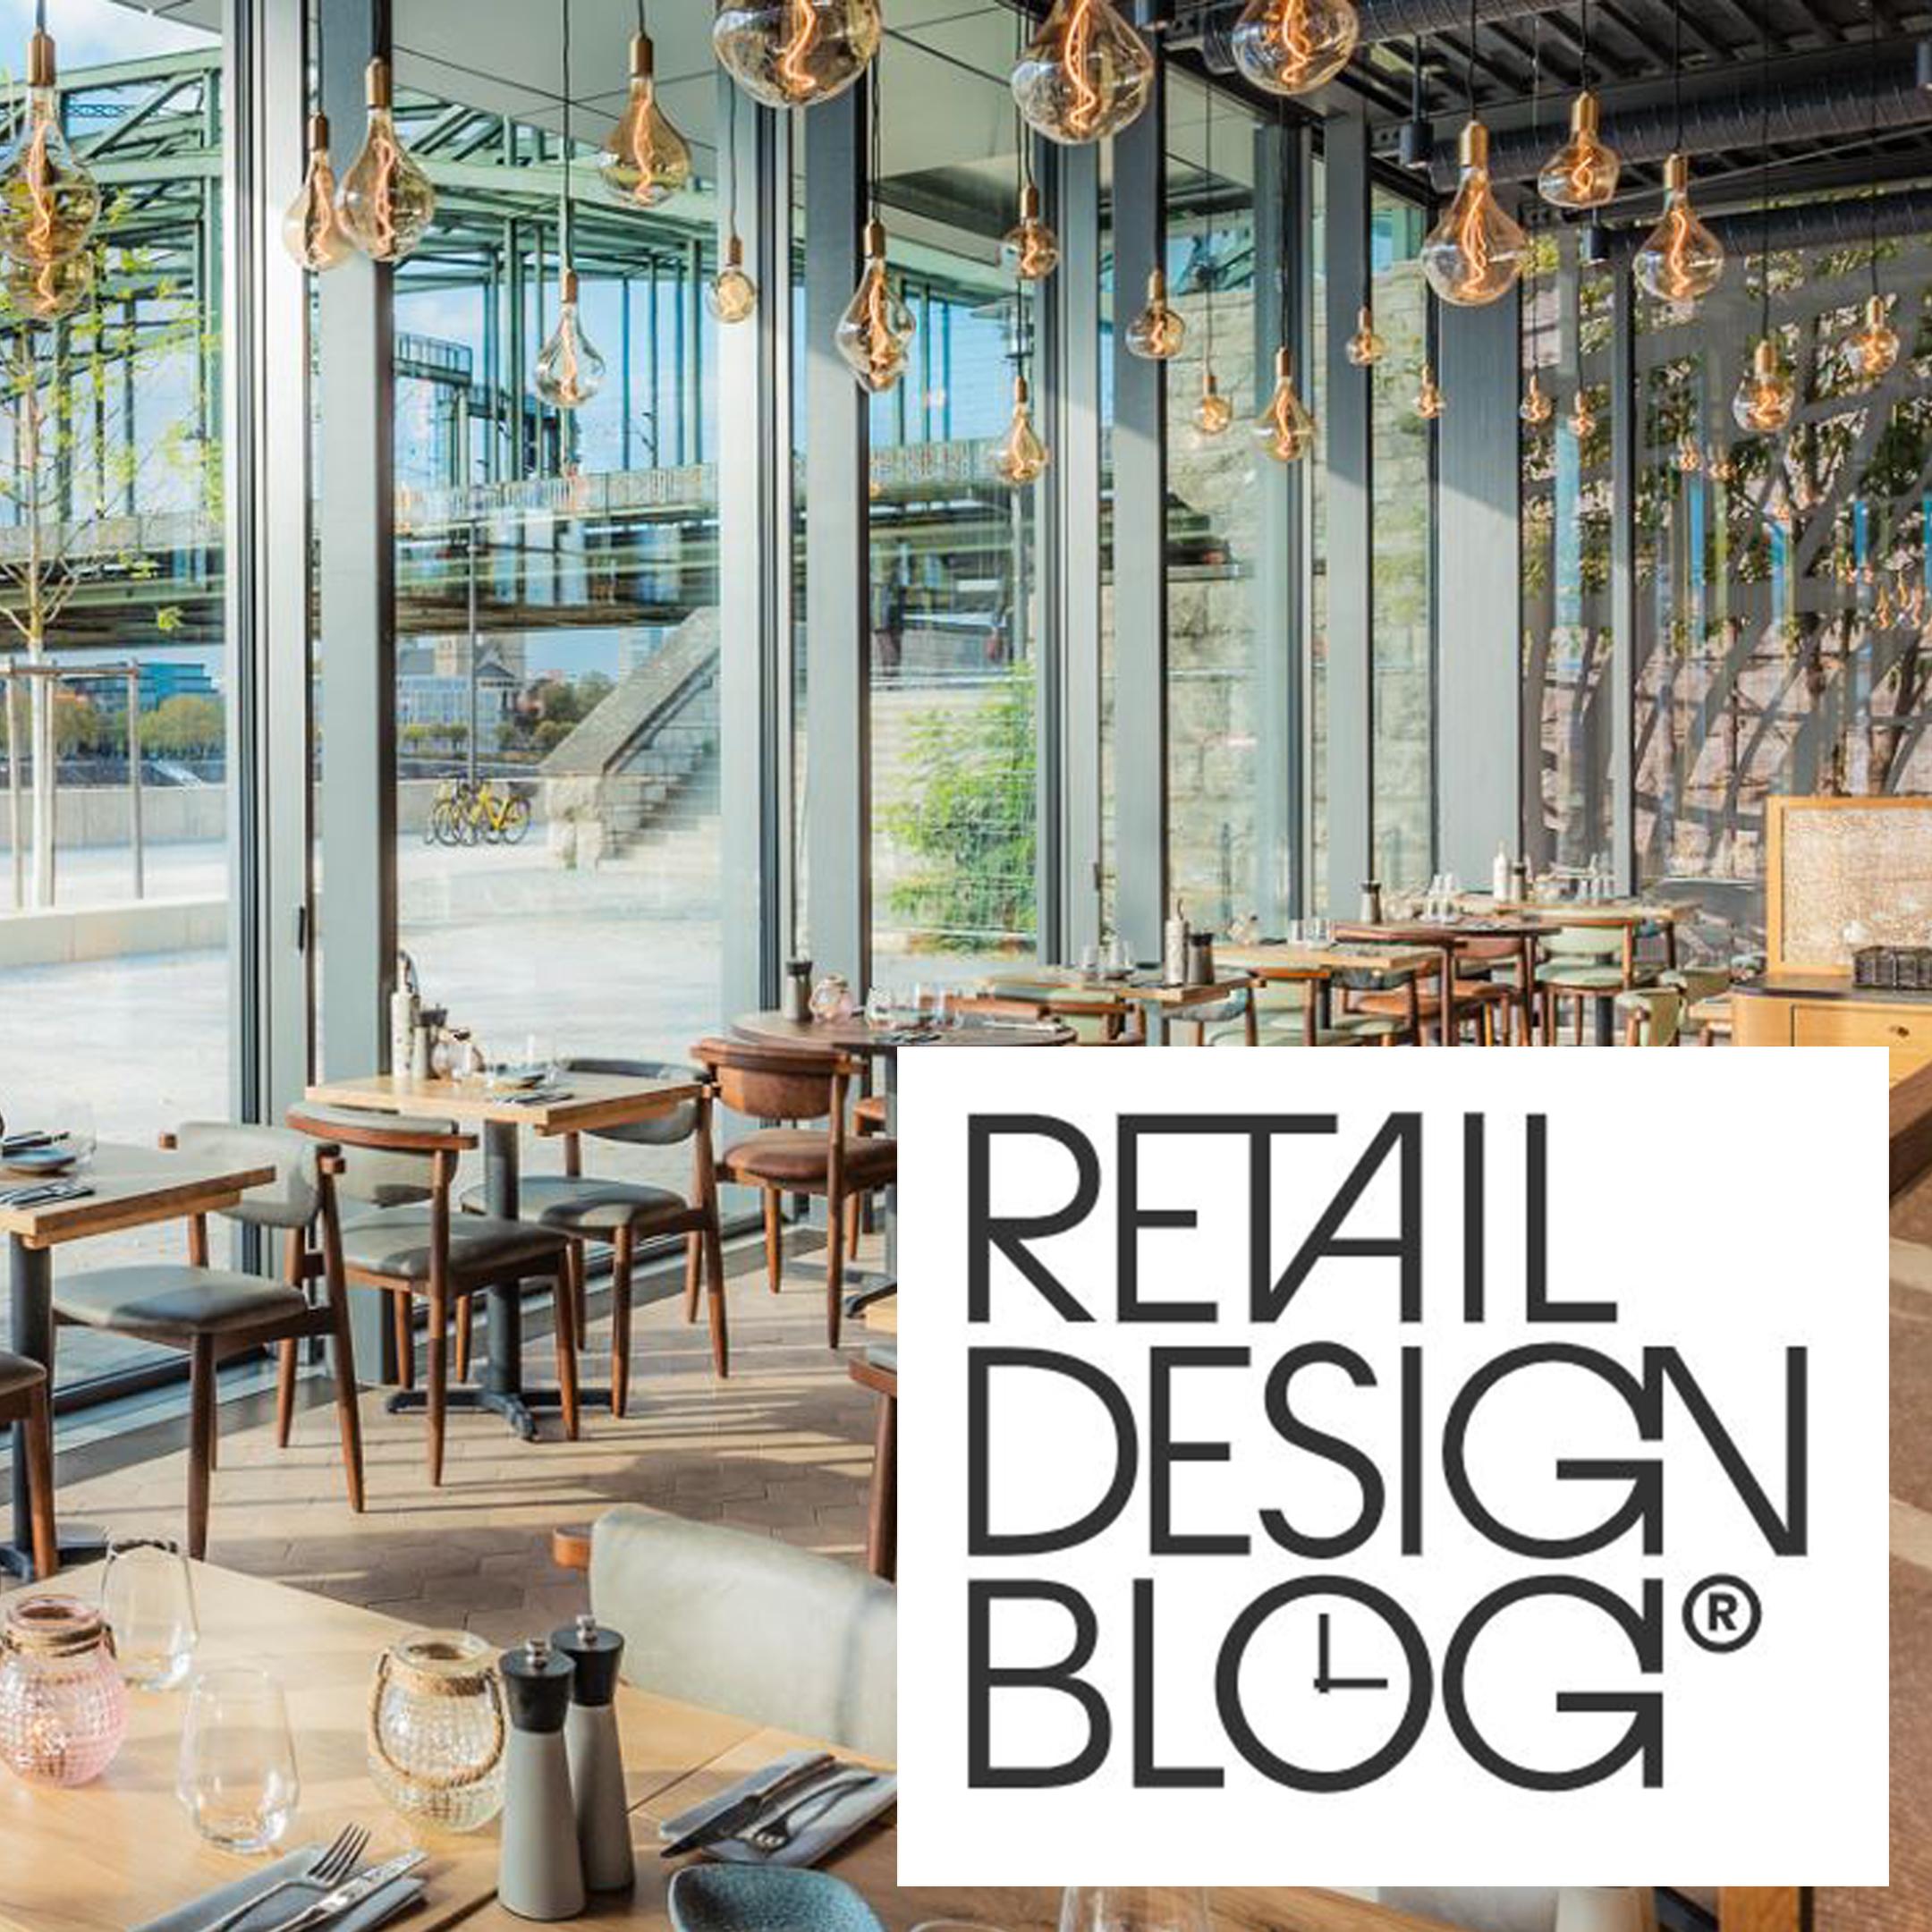 hyatt - retail design blog.jpg